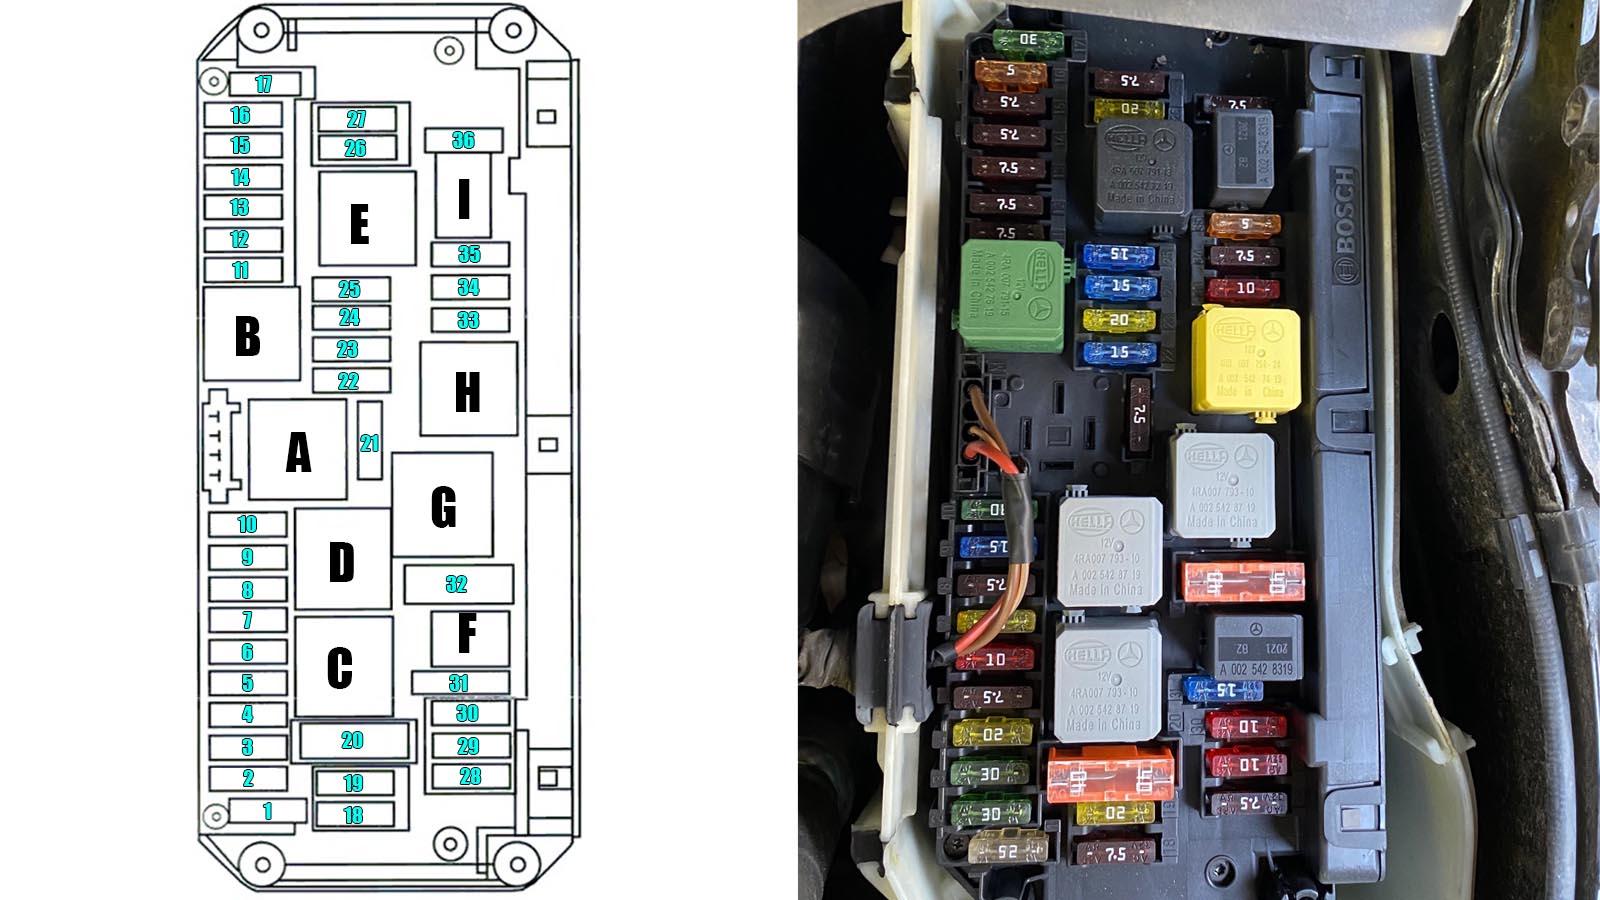 40 Mercedes C40 Fuse Box Diagram   relate decorati Wiring ...